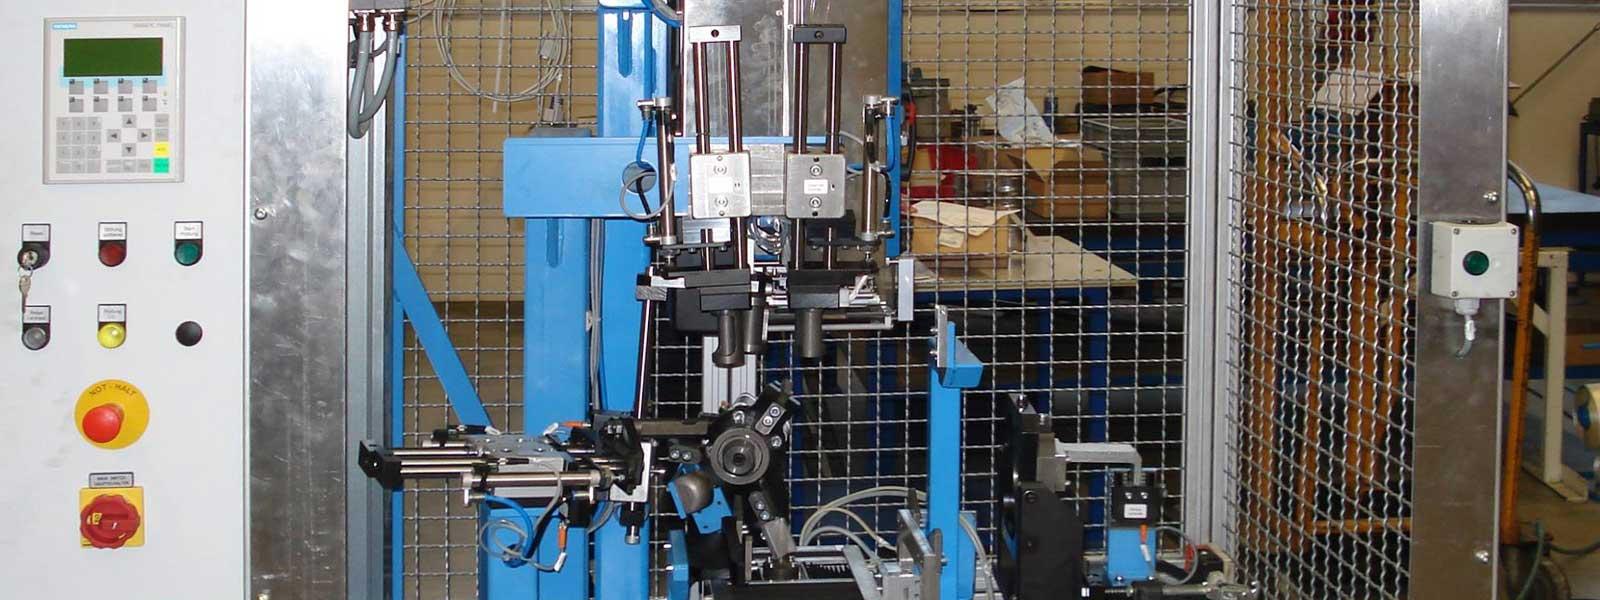 Kontrollehren von Ortmeier Maschinen- und Vorrichtungsbau